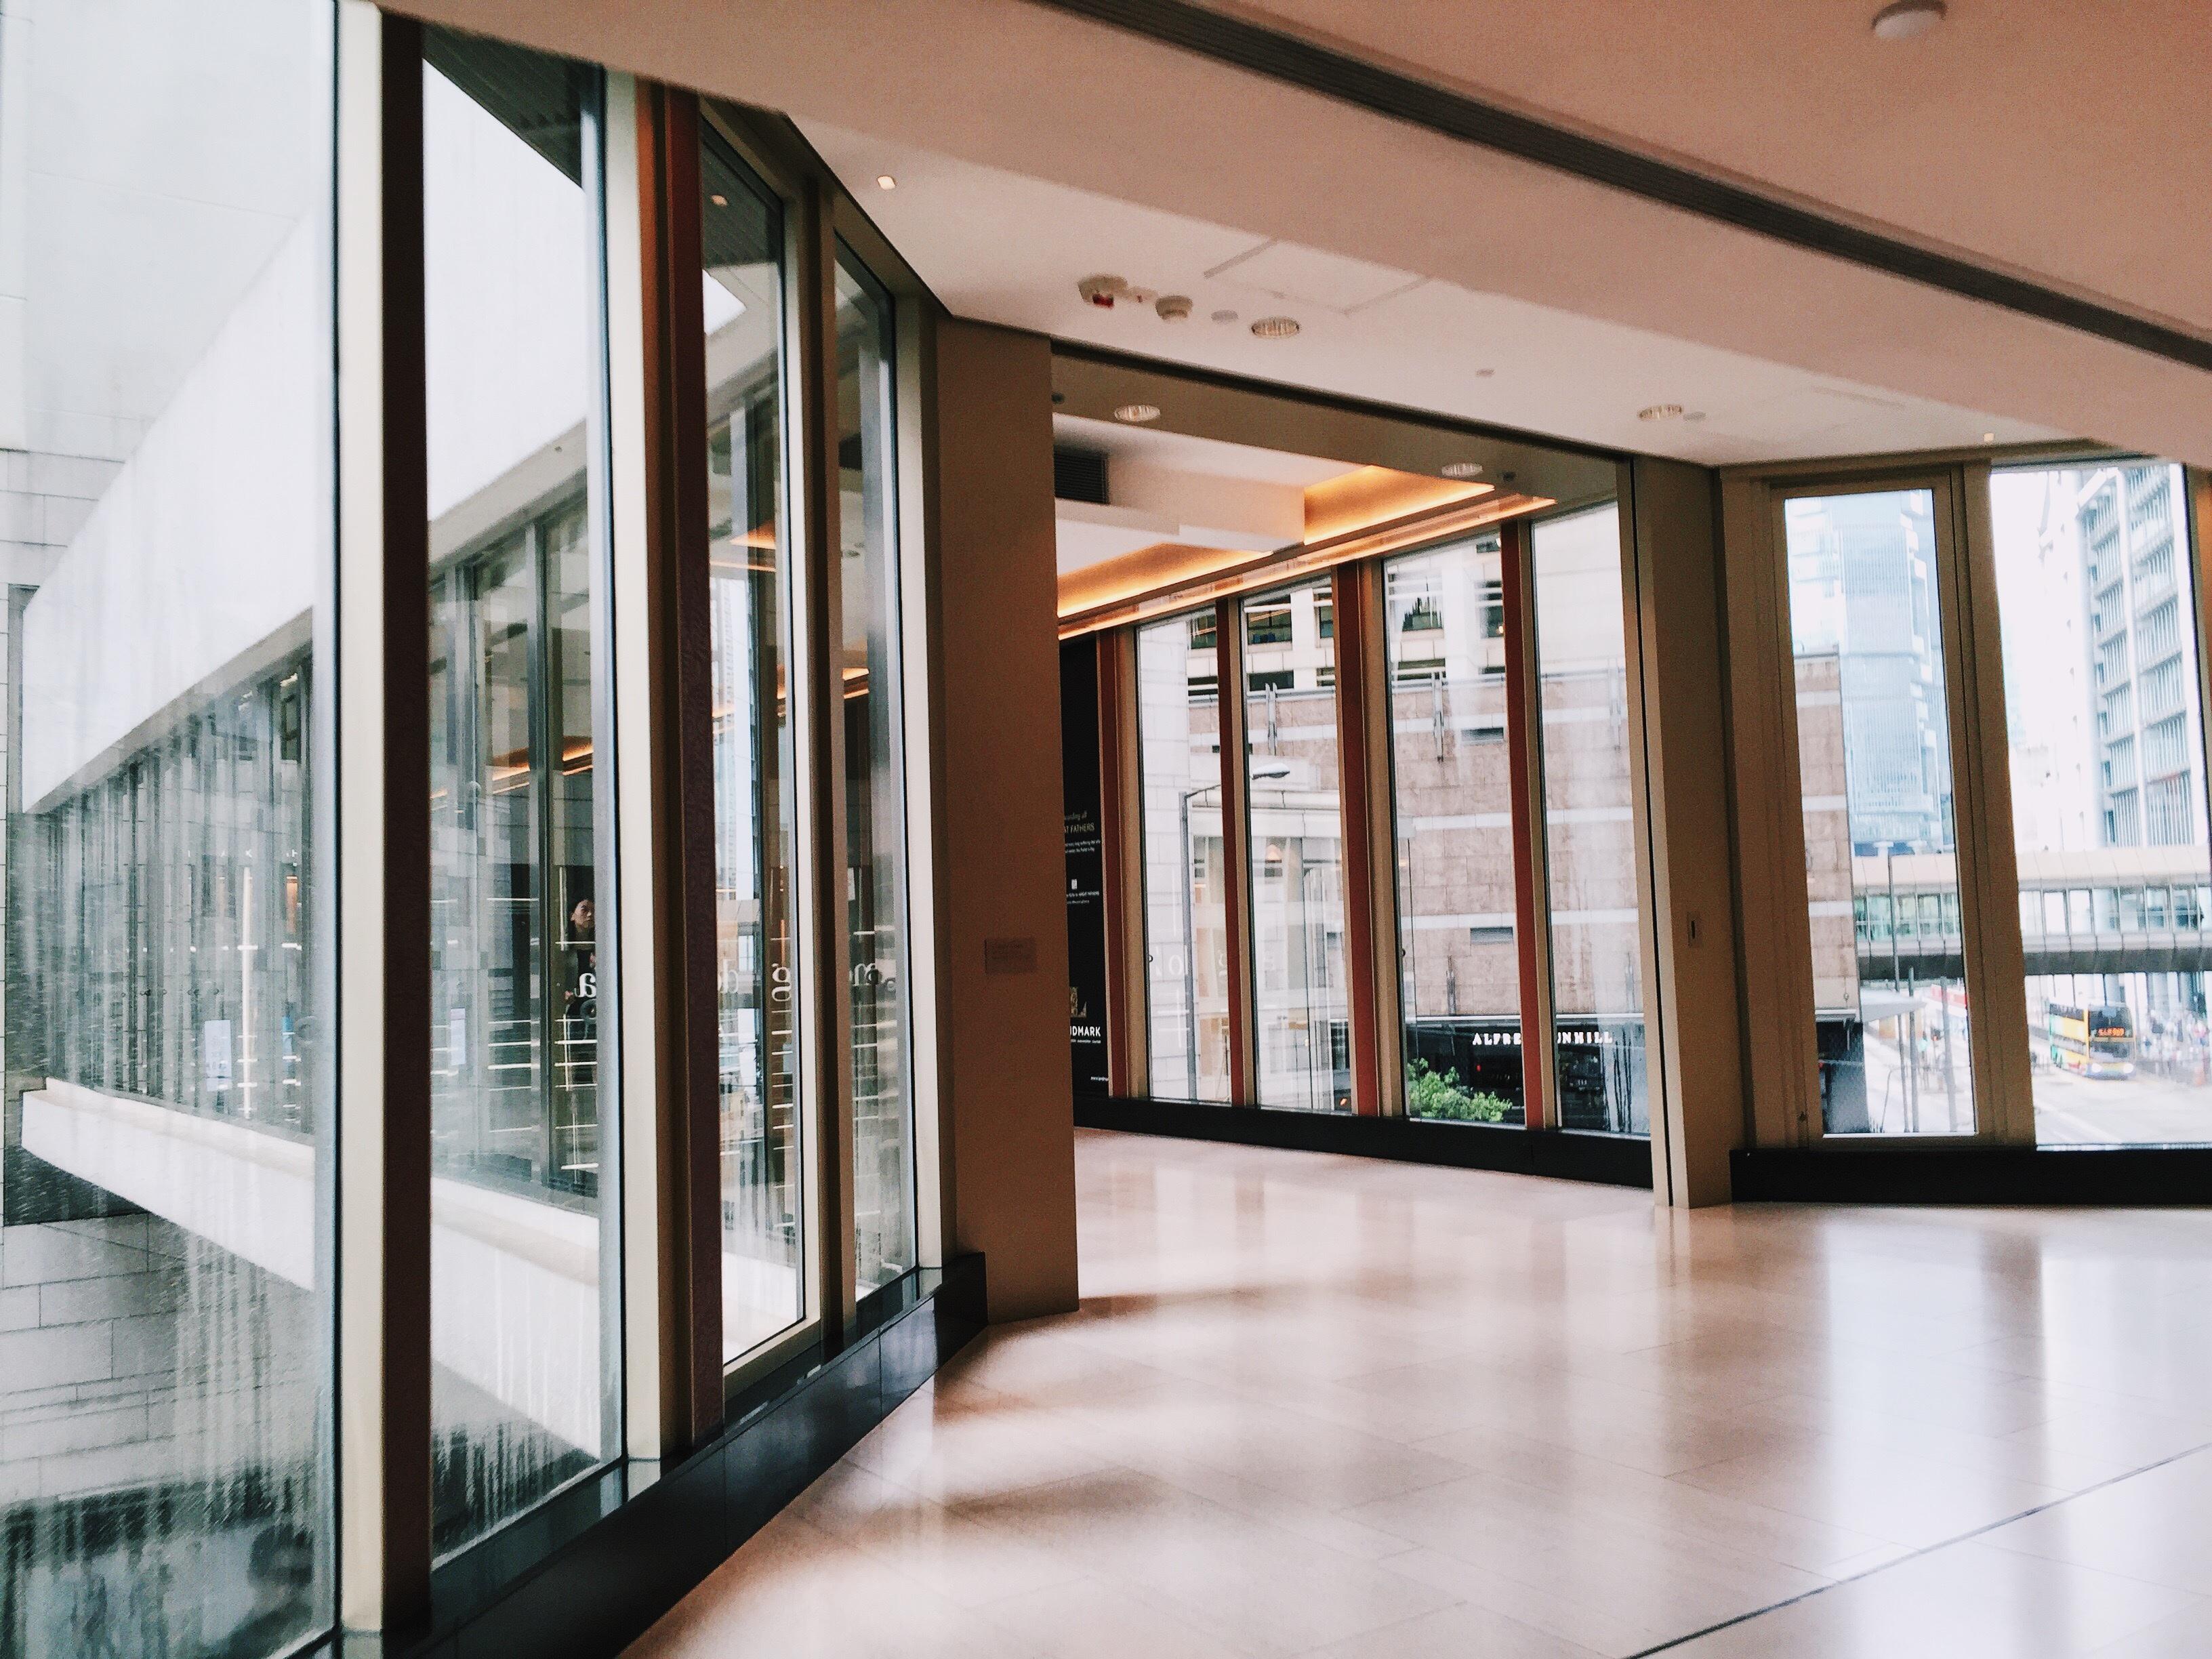 Gratis afbeeldingen : architectuur venster huis kantoor facade